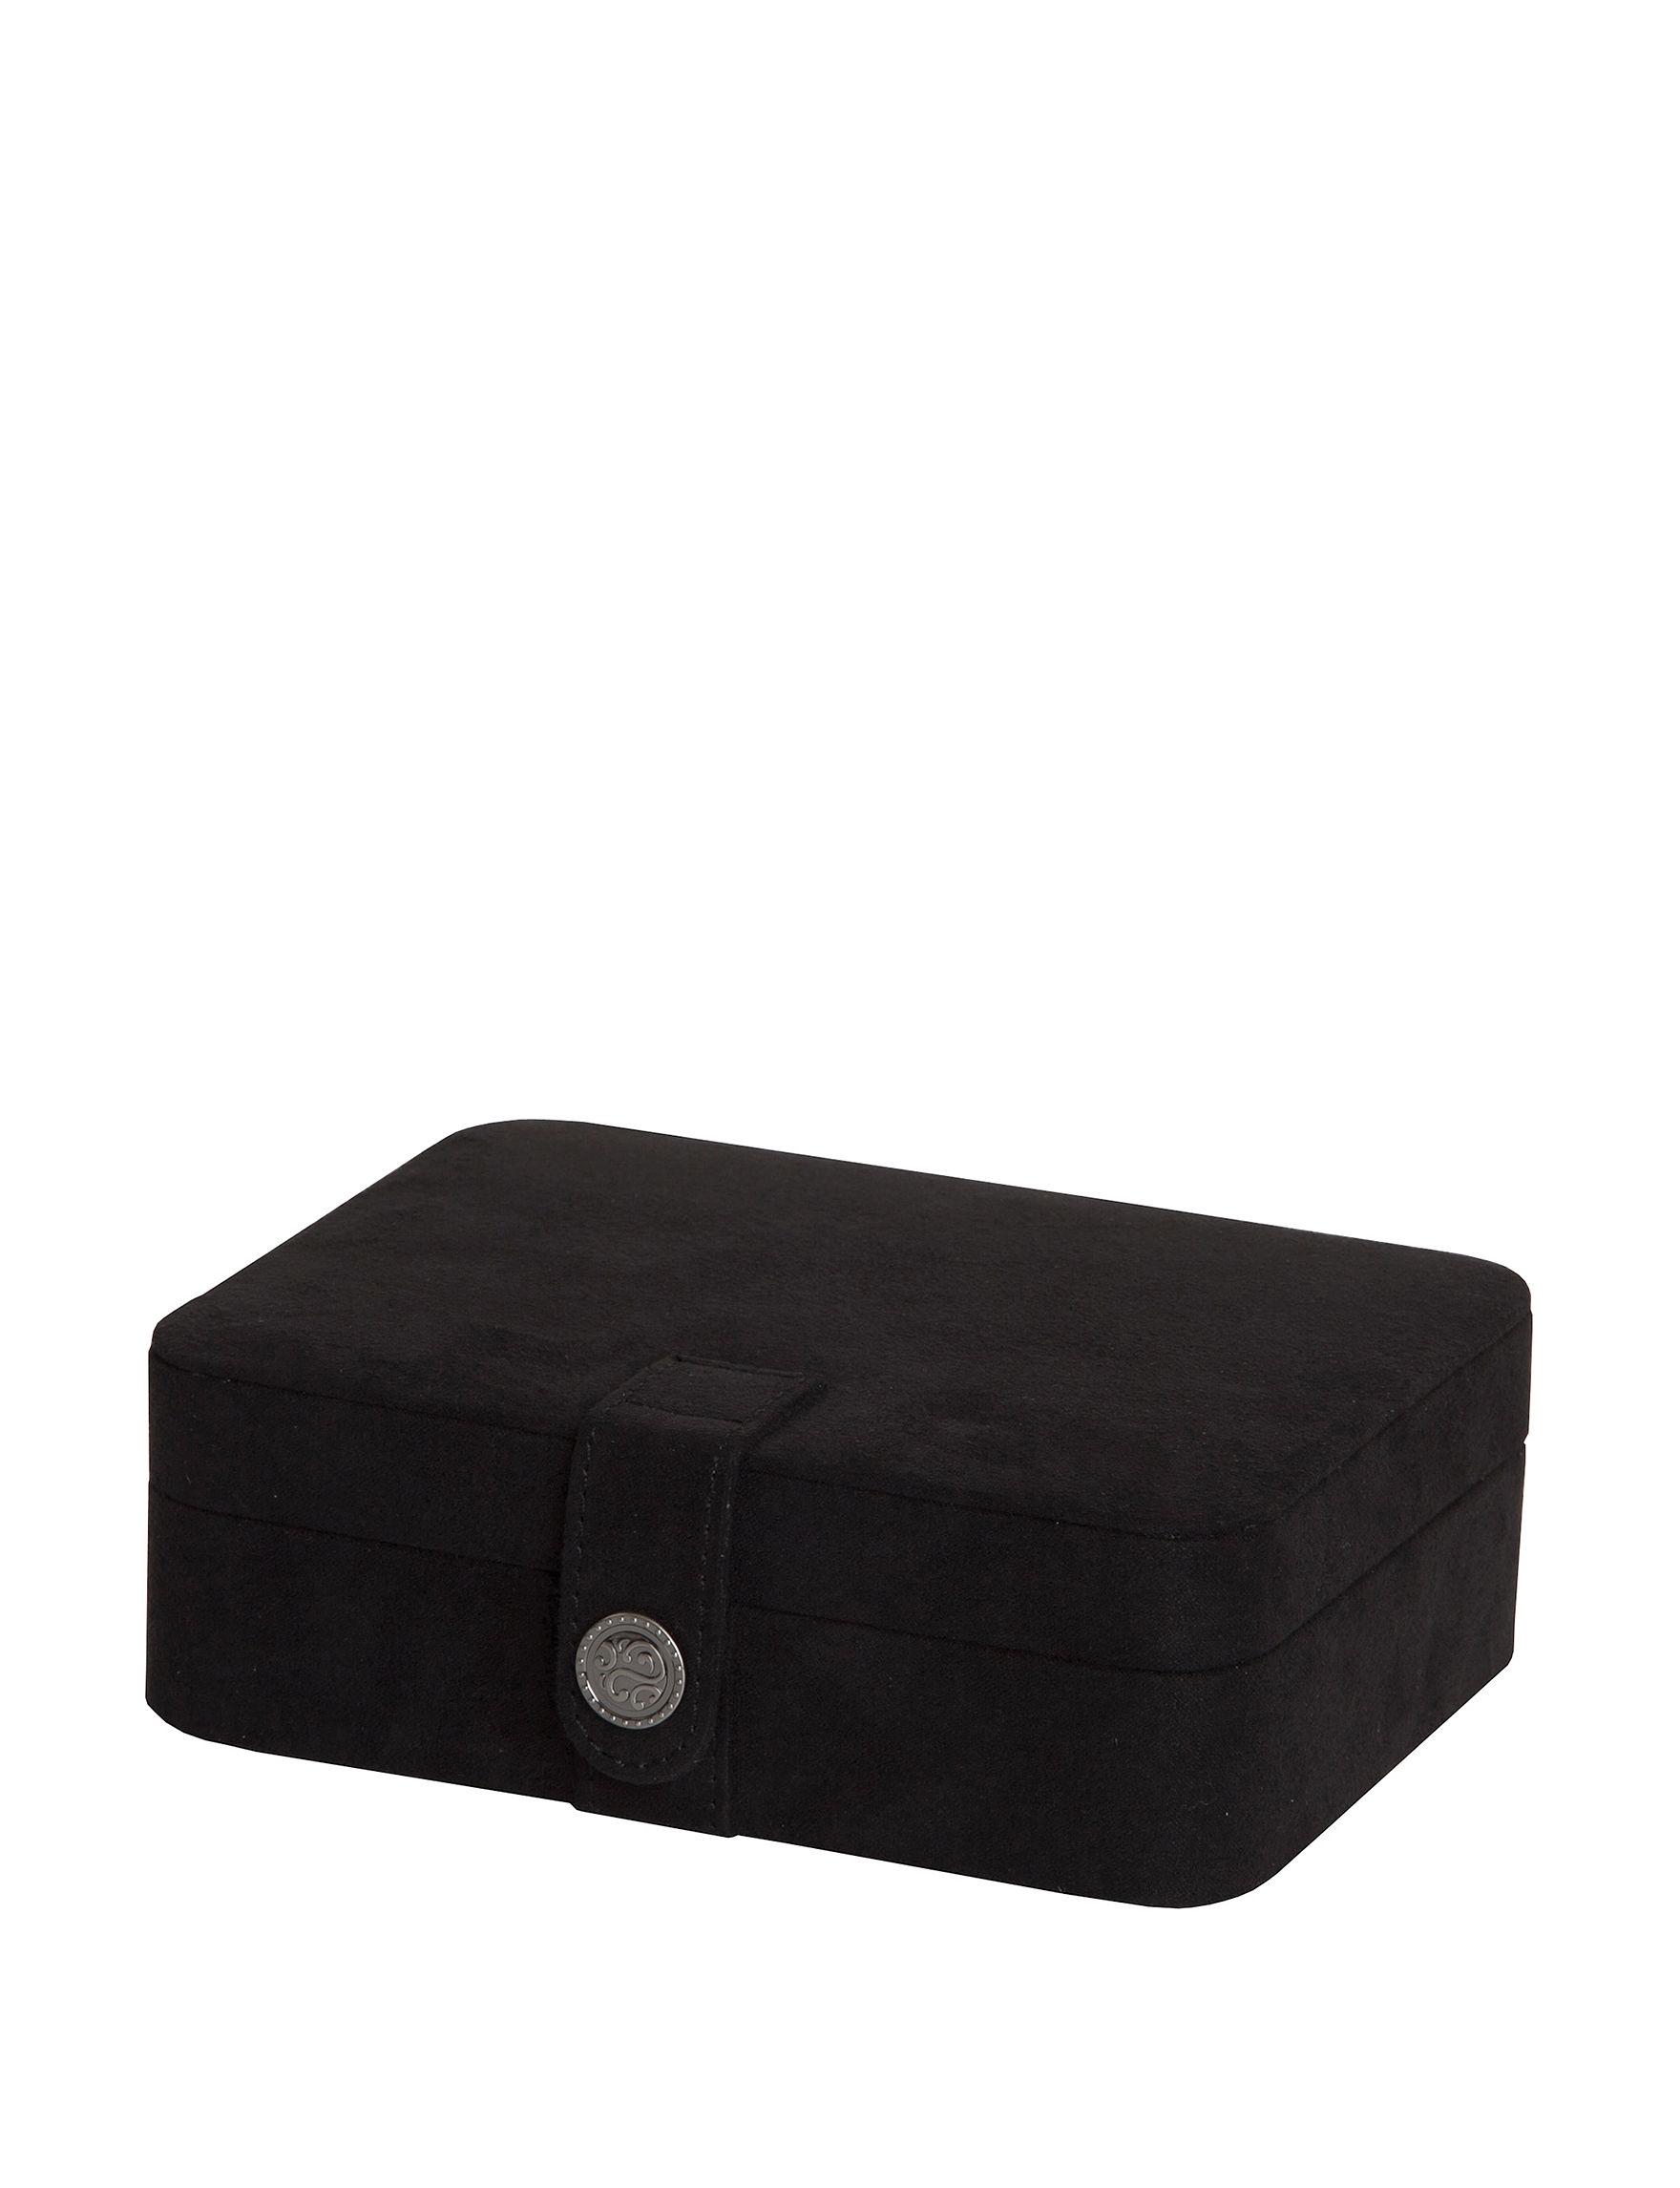 Mele & Co. Black Jewelry Storage & Organization